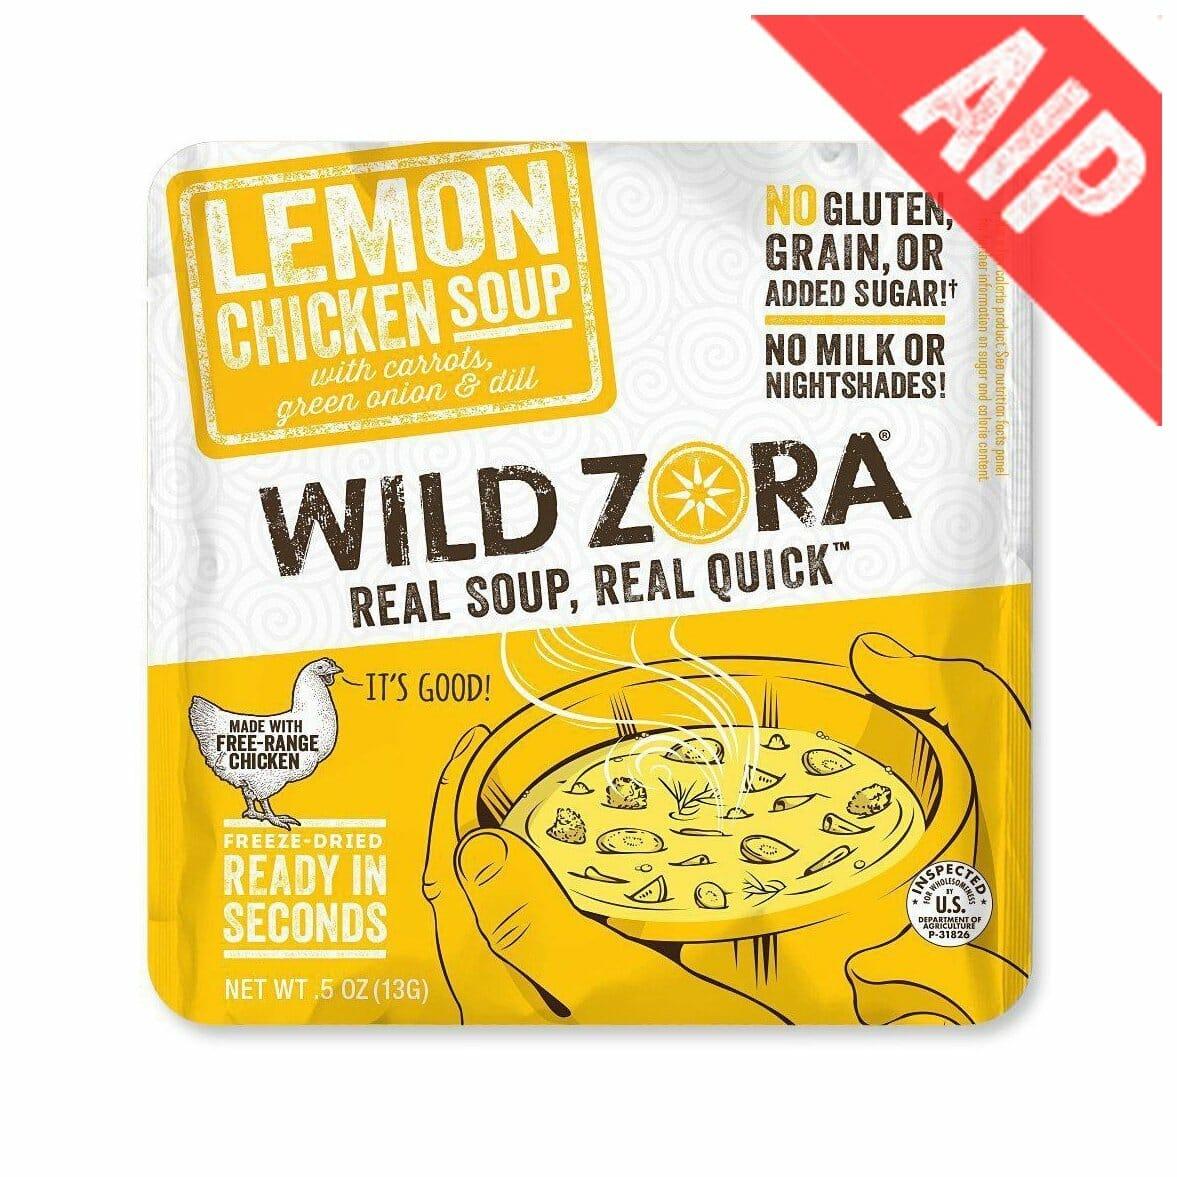 Wild Zora - Lemon Chicken Soup